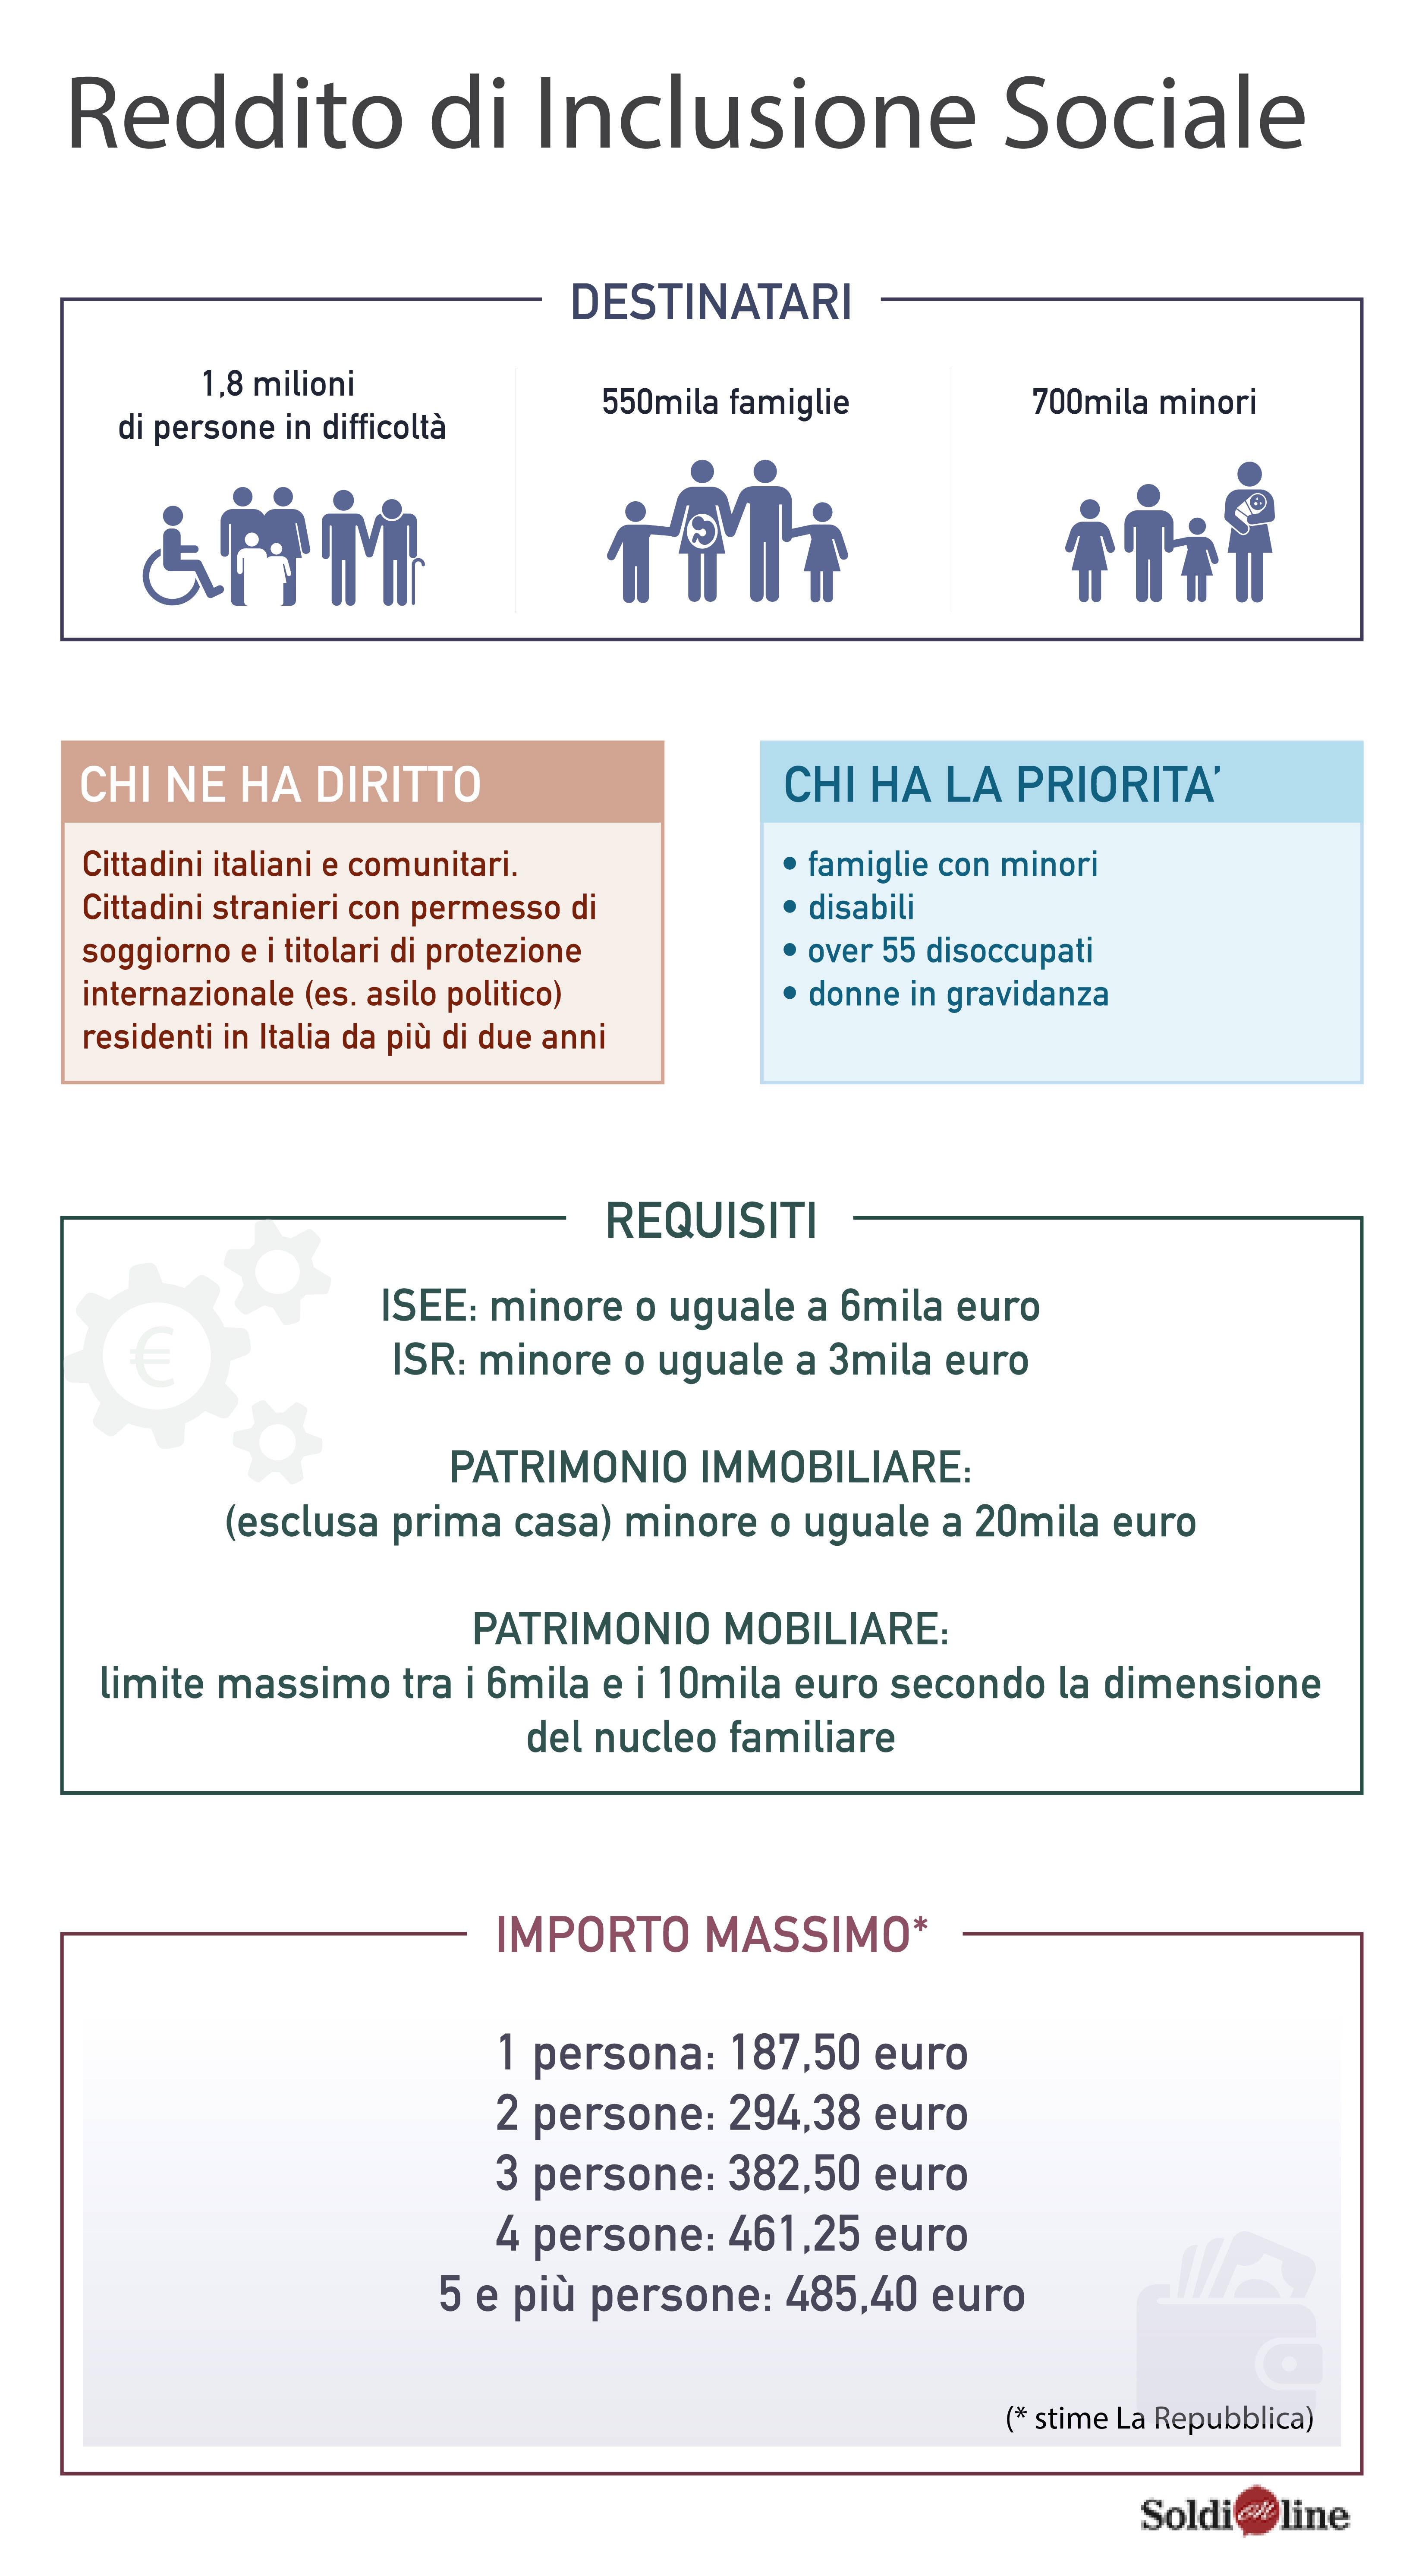 Giuseppe Aieta | Arriva il Reddito di Inclusione. Ecco come ...